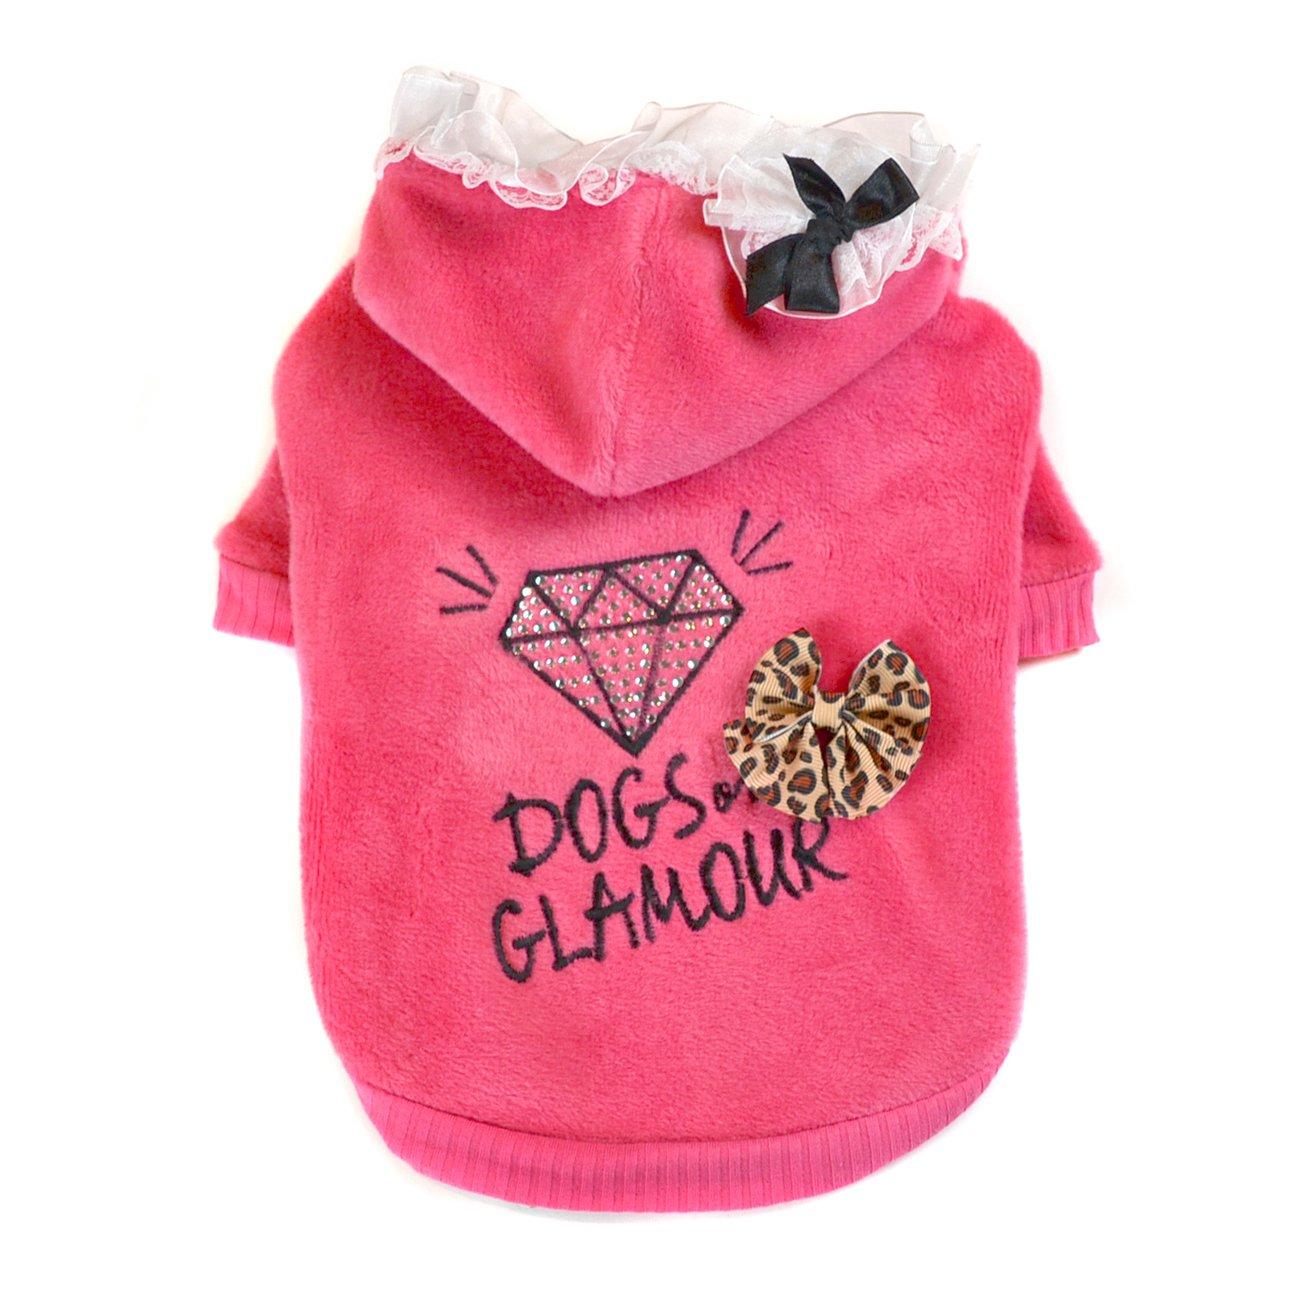 Medium Dogs of Glamour Girly Diamond Hoodie, Medium, Pink